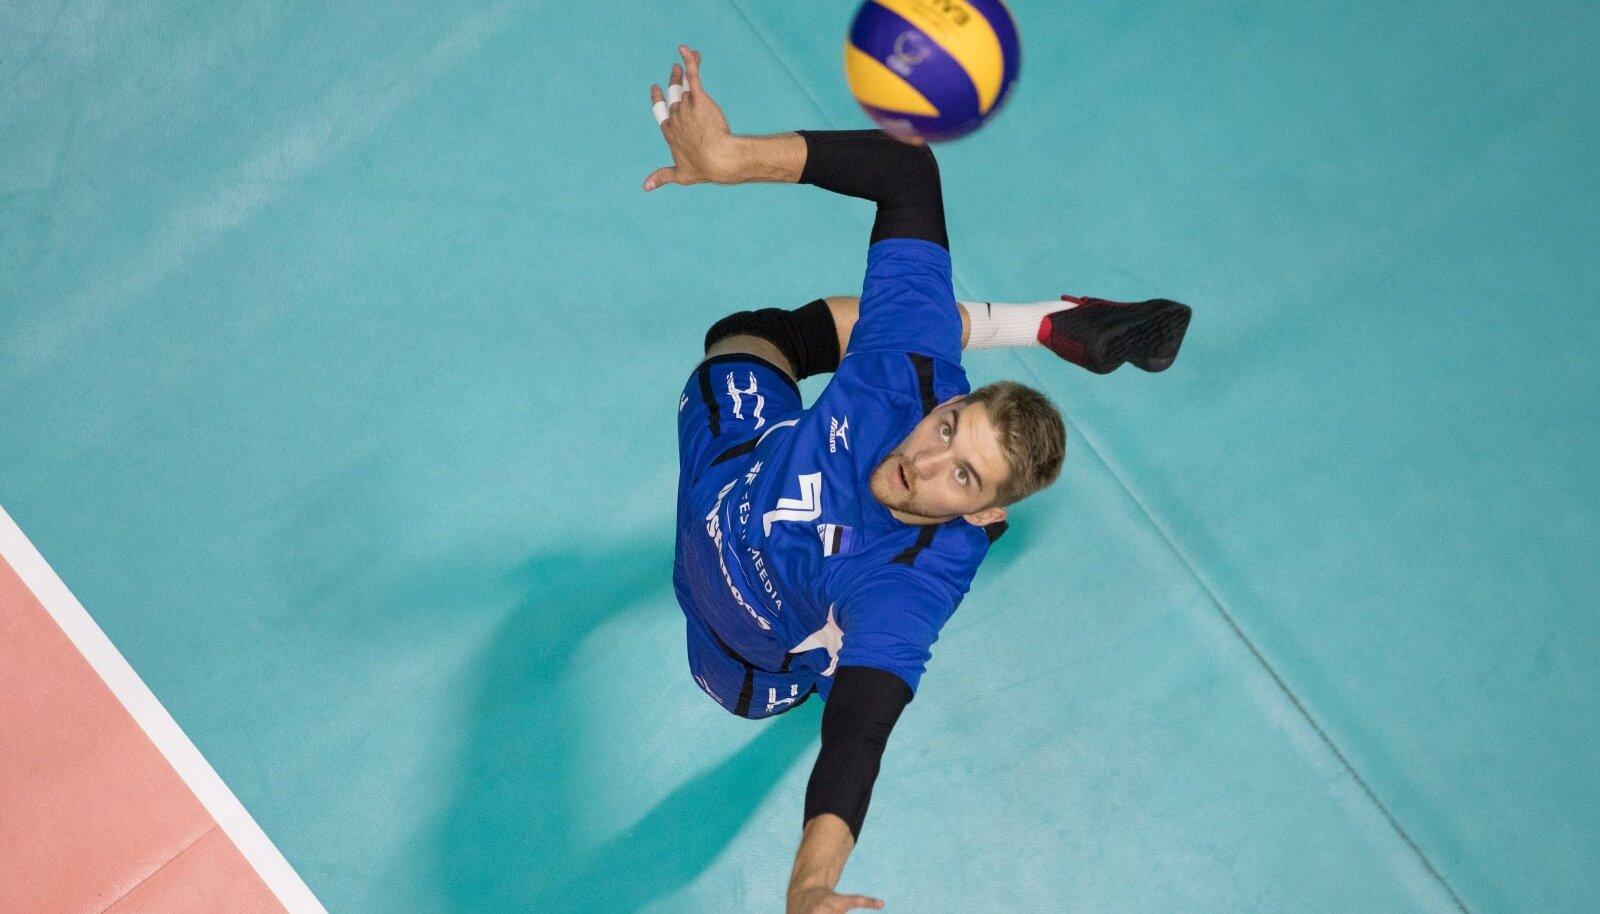 Viimati 2014. aastal Eestis mänginud ja Tartu meistriks aidanud Renee Teppan lõi käed Tallinna Selveriga.